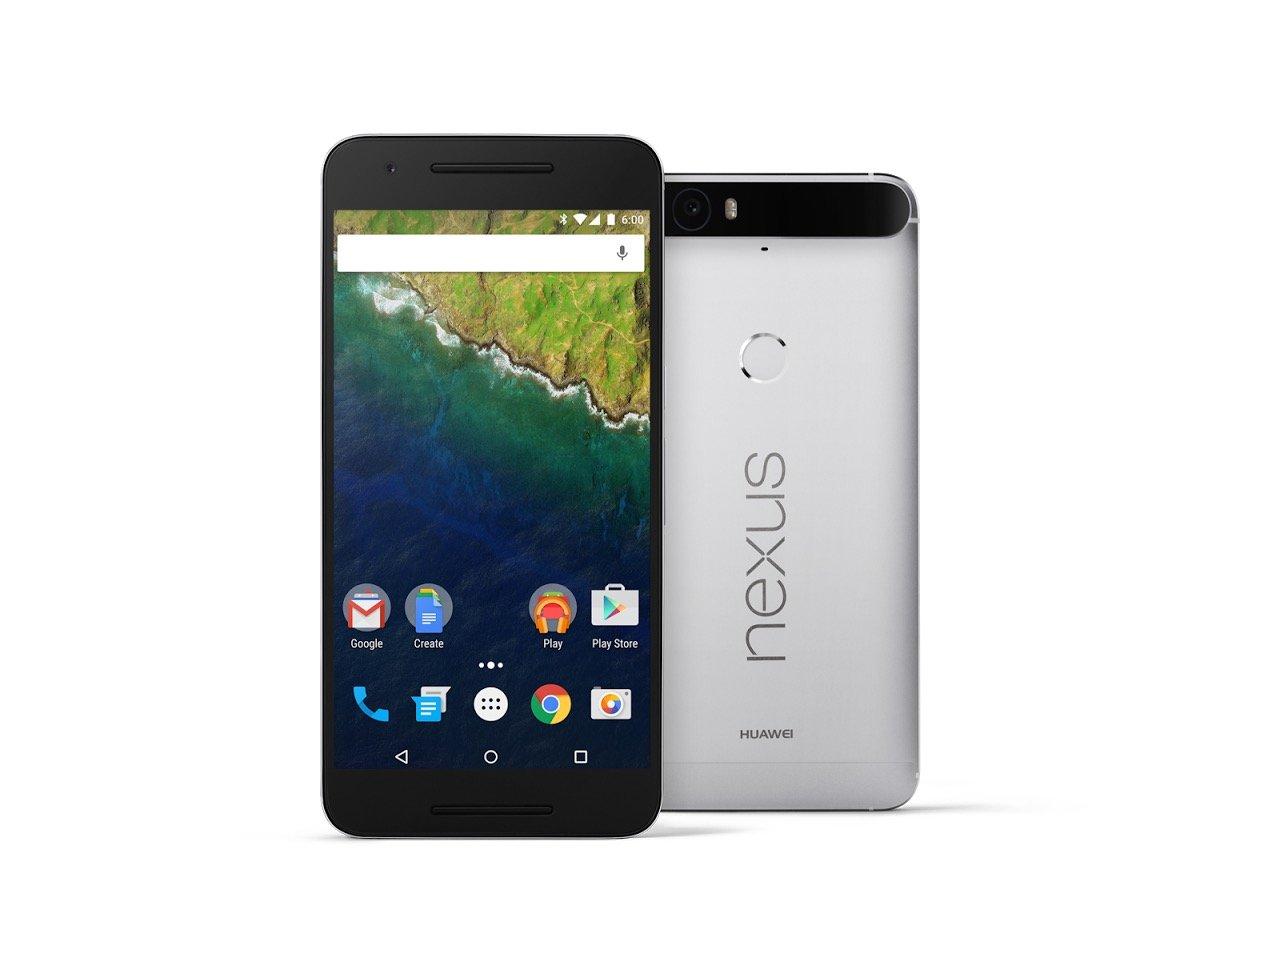 グーグル、「Nexus 5X」を発表 10月発売で価格は379ドル、指紋認証/USB-C対応